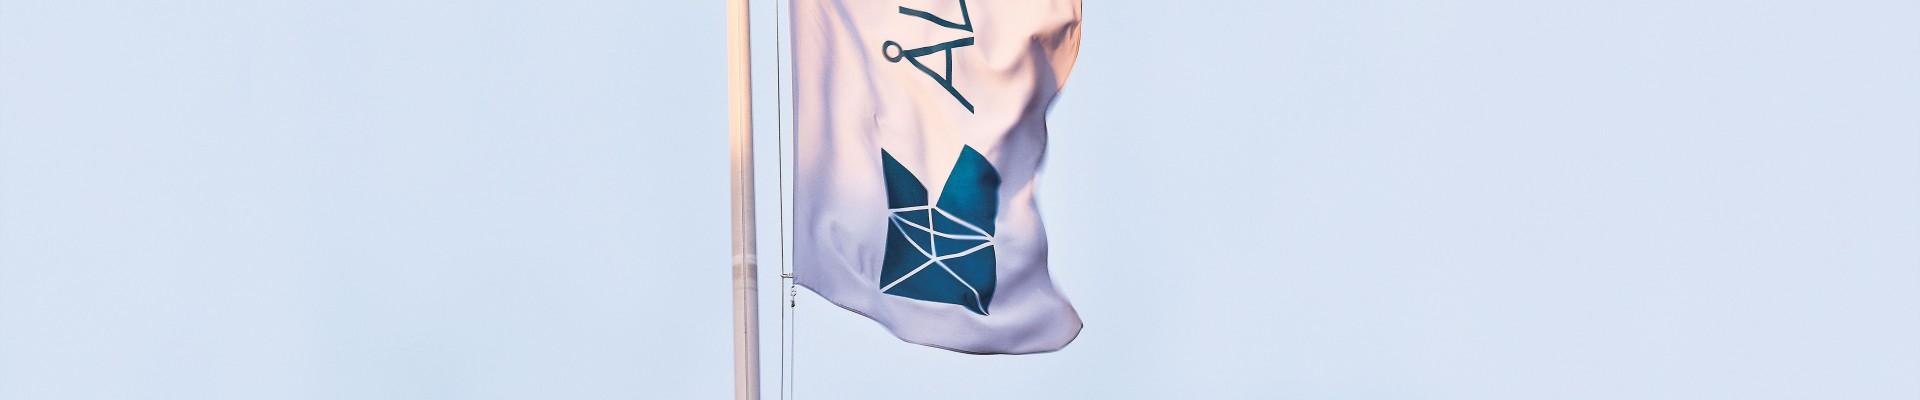 Åland Post flagga